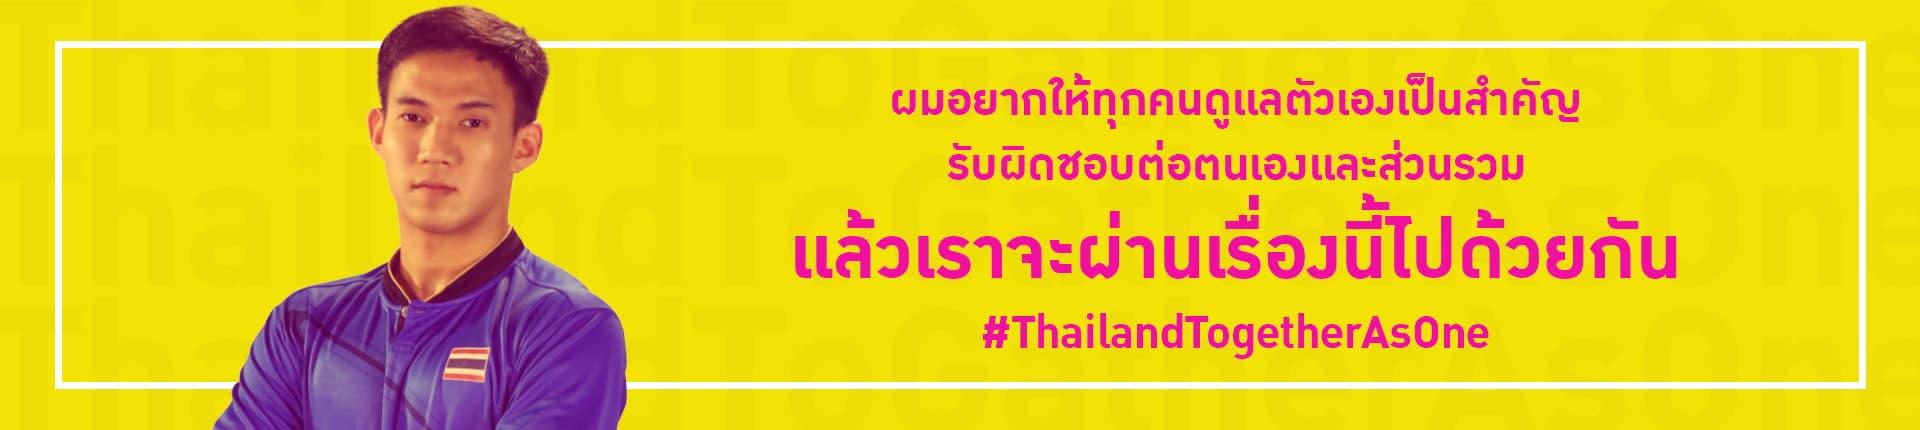 ร่วมส่งพลังบวกและกำลังใจให้กัน thailand together as one